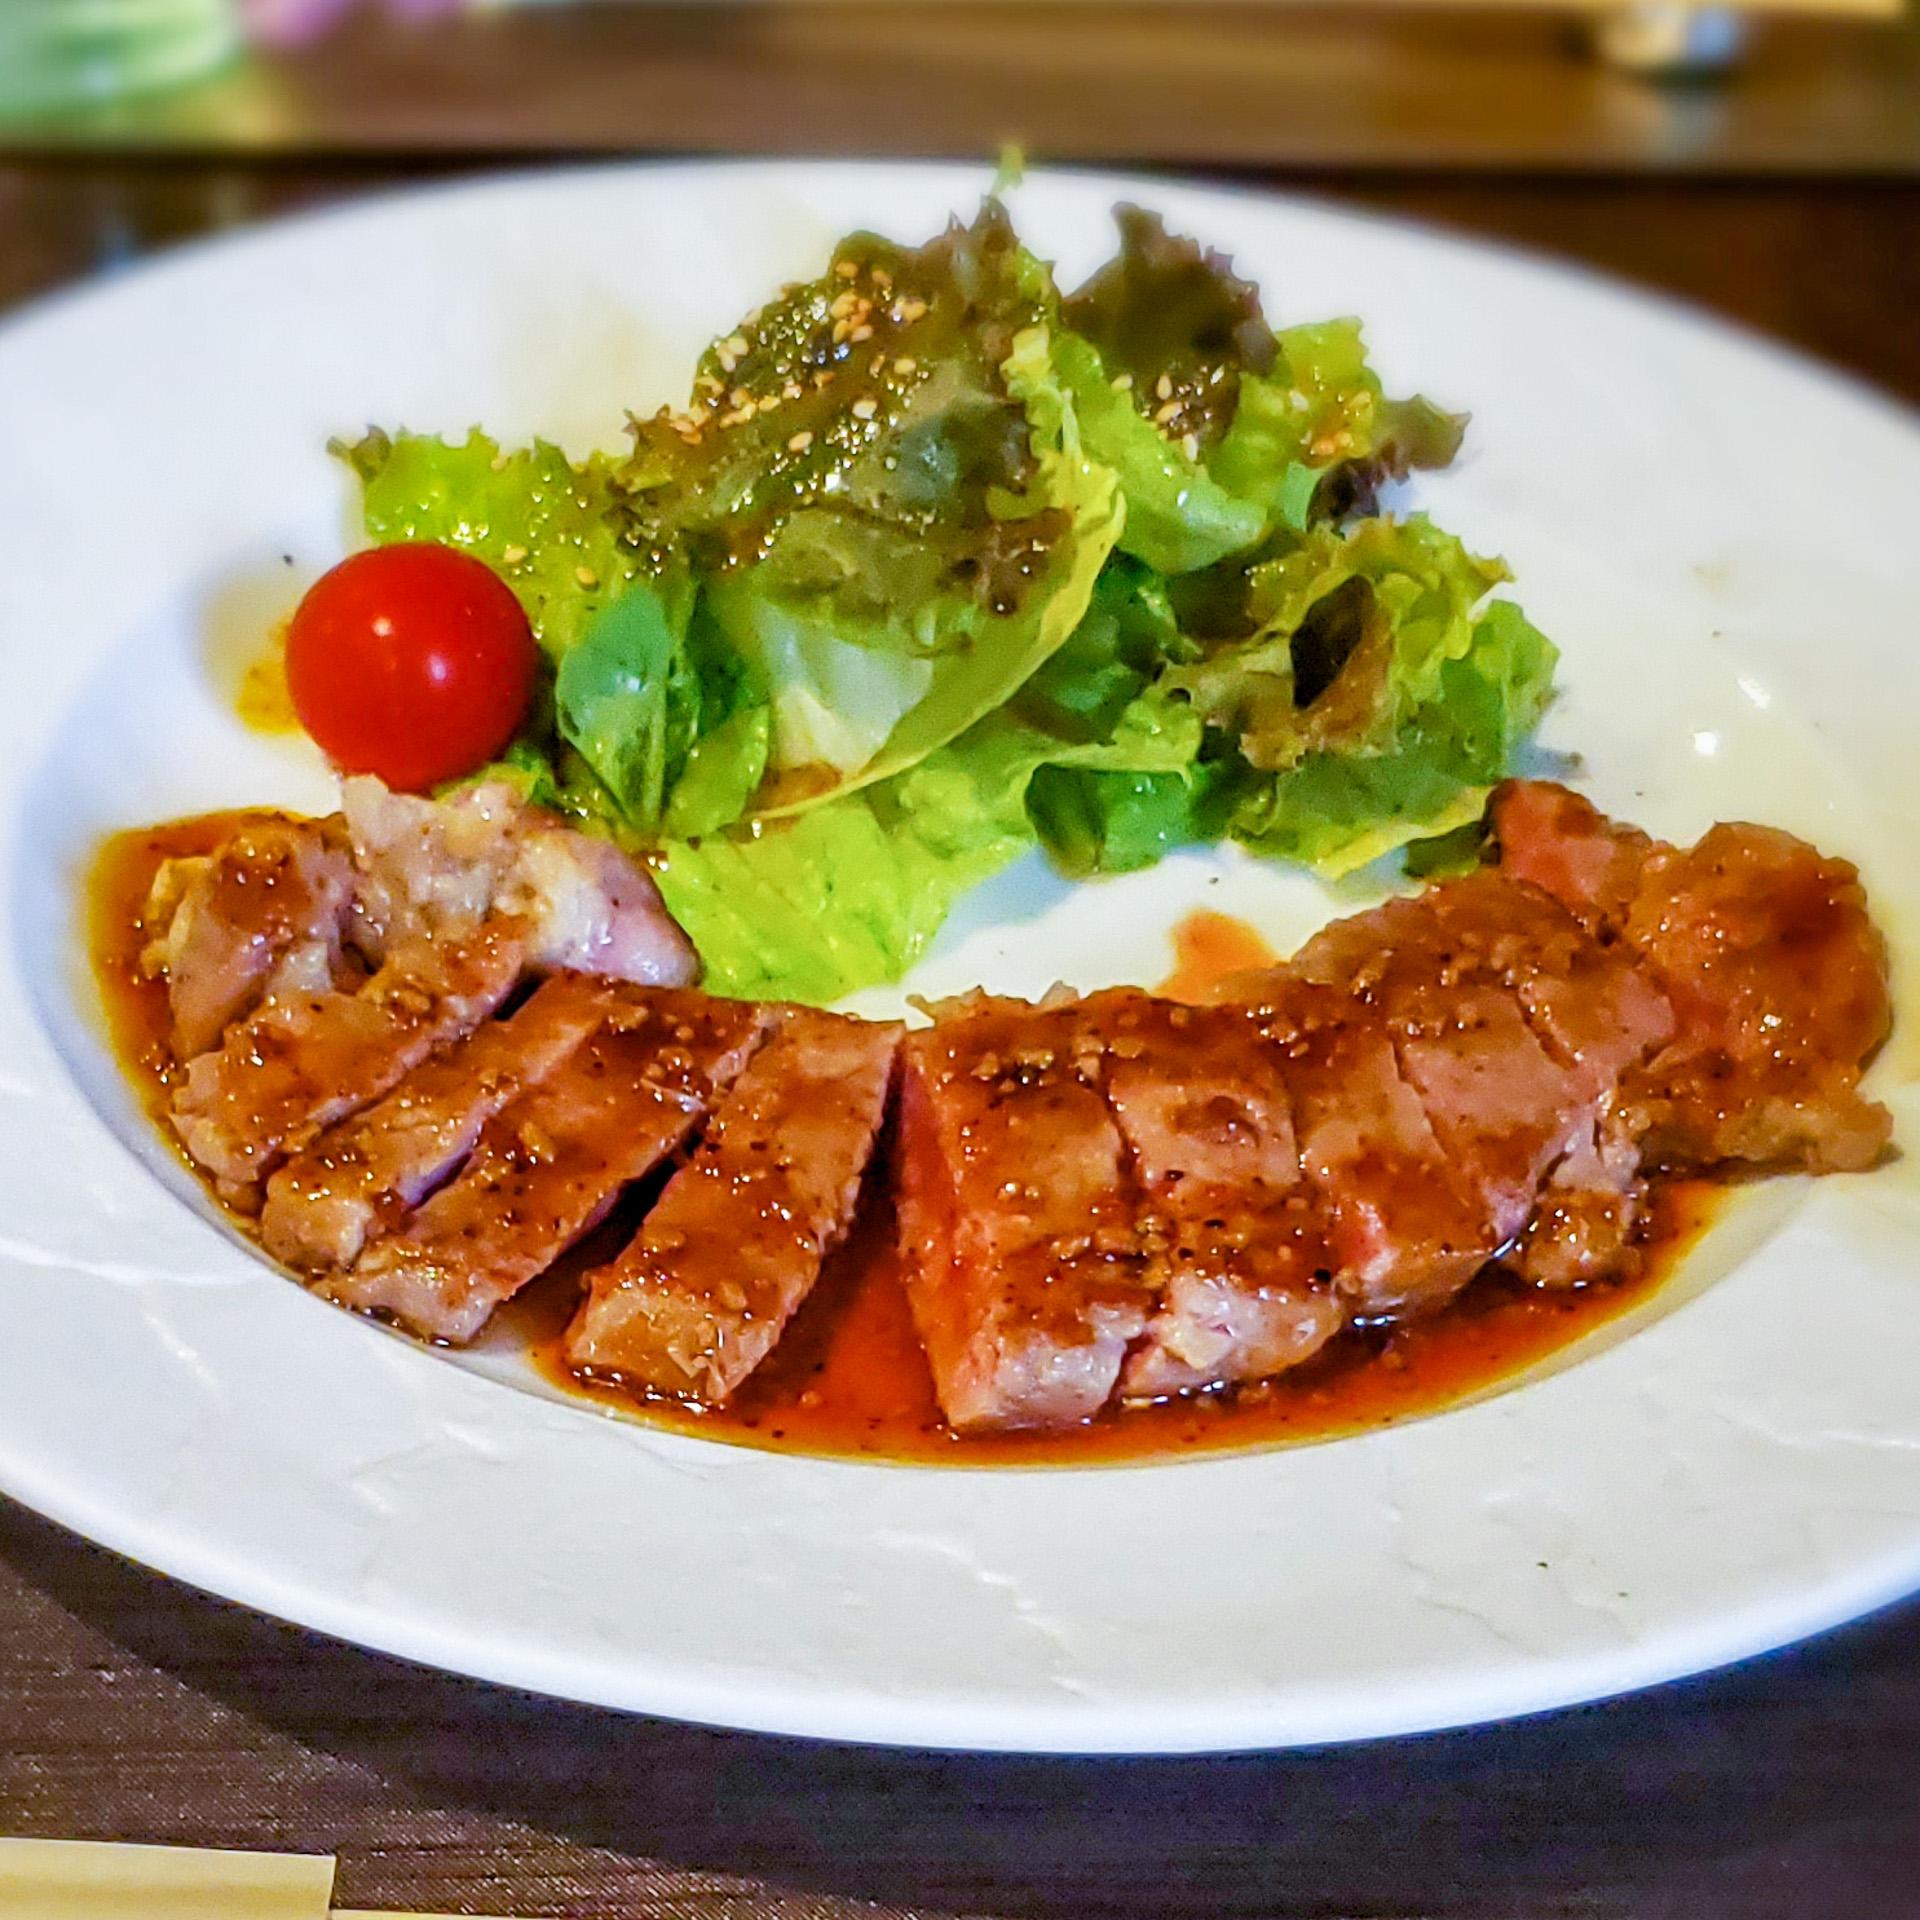 サーロインステーキをおしゃれな鉄板焼専門店でランチする「鉄板小町」 2